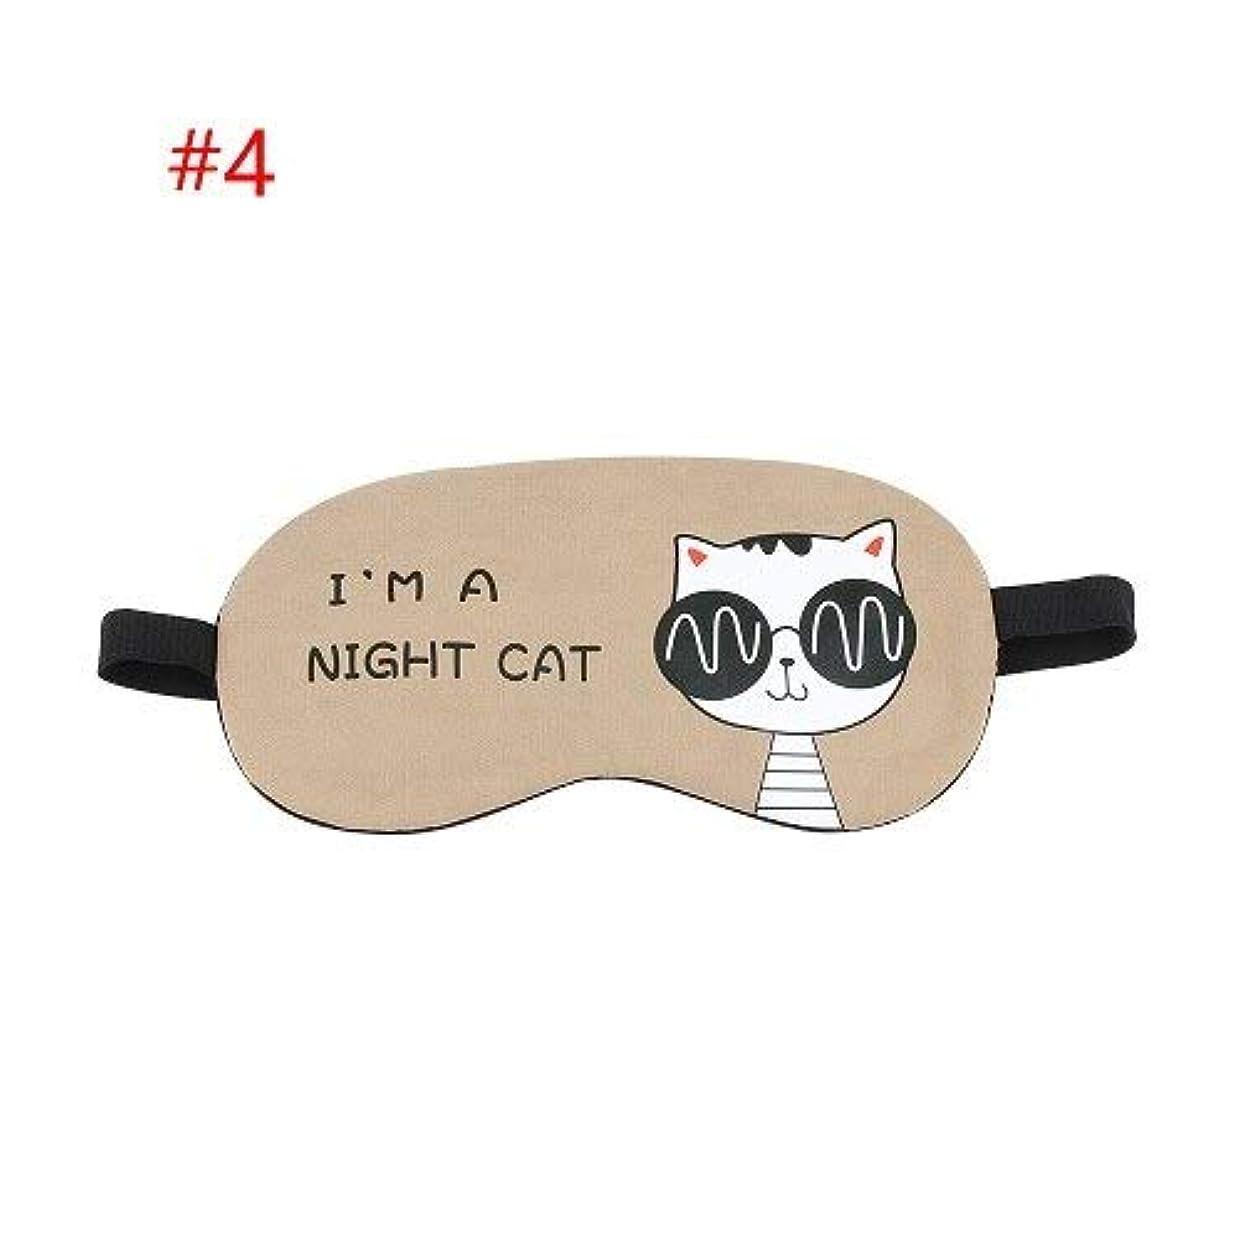 つぶす建築ビルダーNOTE 1ピースファッションソフト睡眠休息補助アイマスク漫画動物プリントカバー目パッチ睡眠マスクアイケア美容ツール